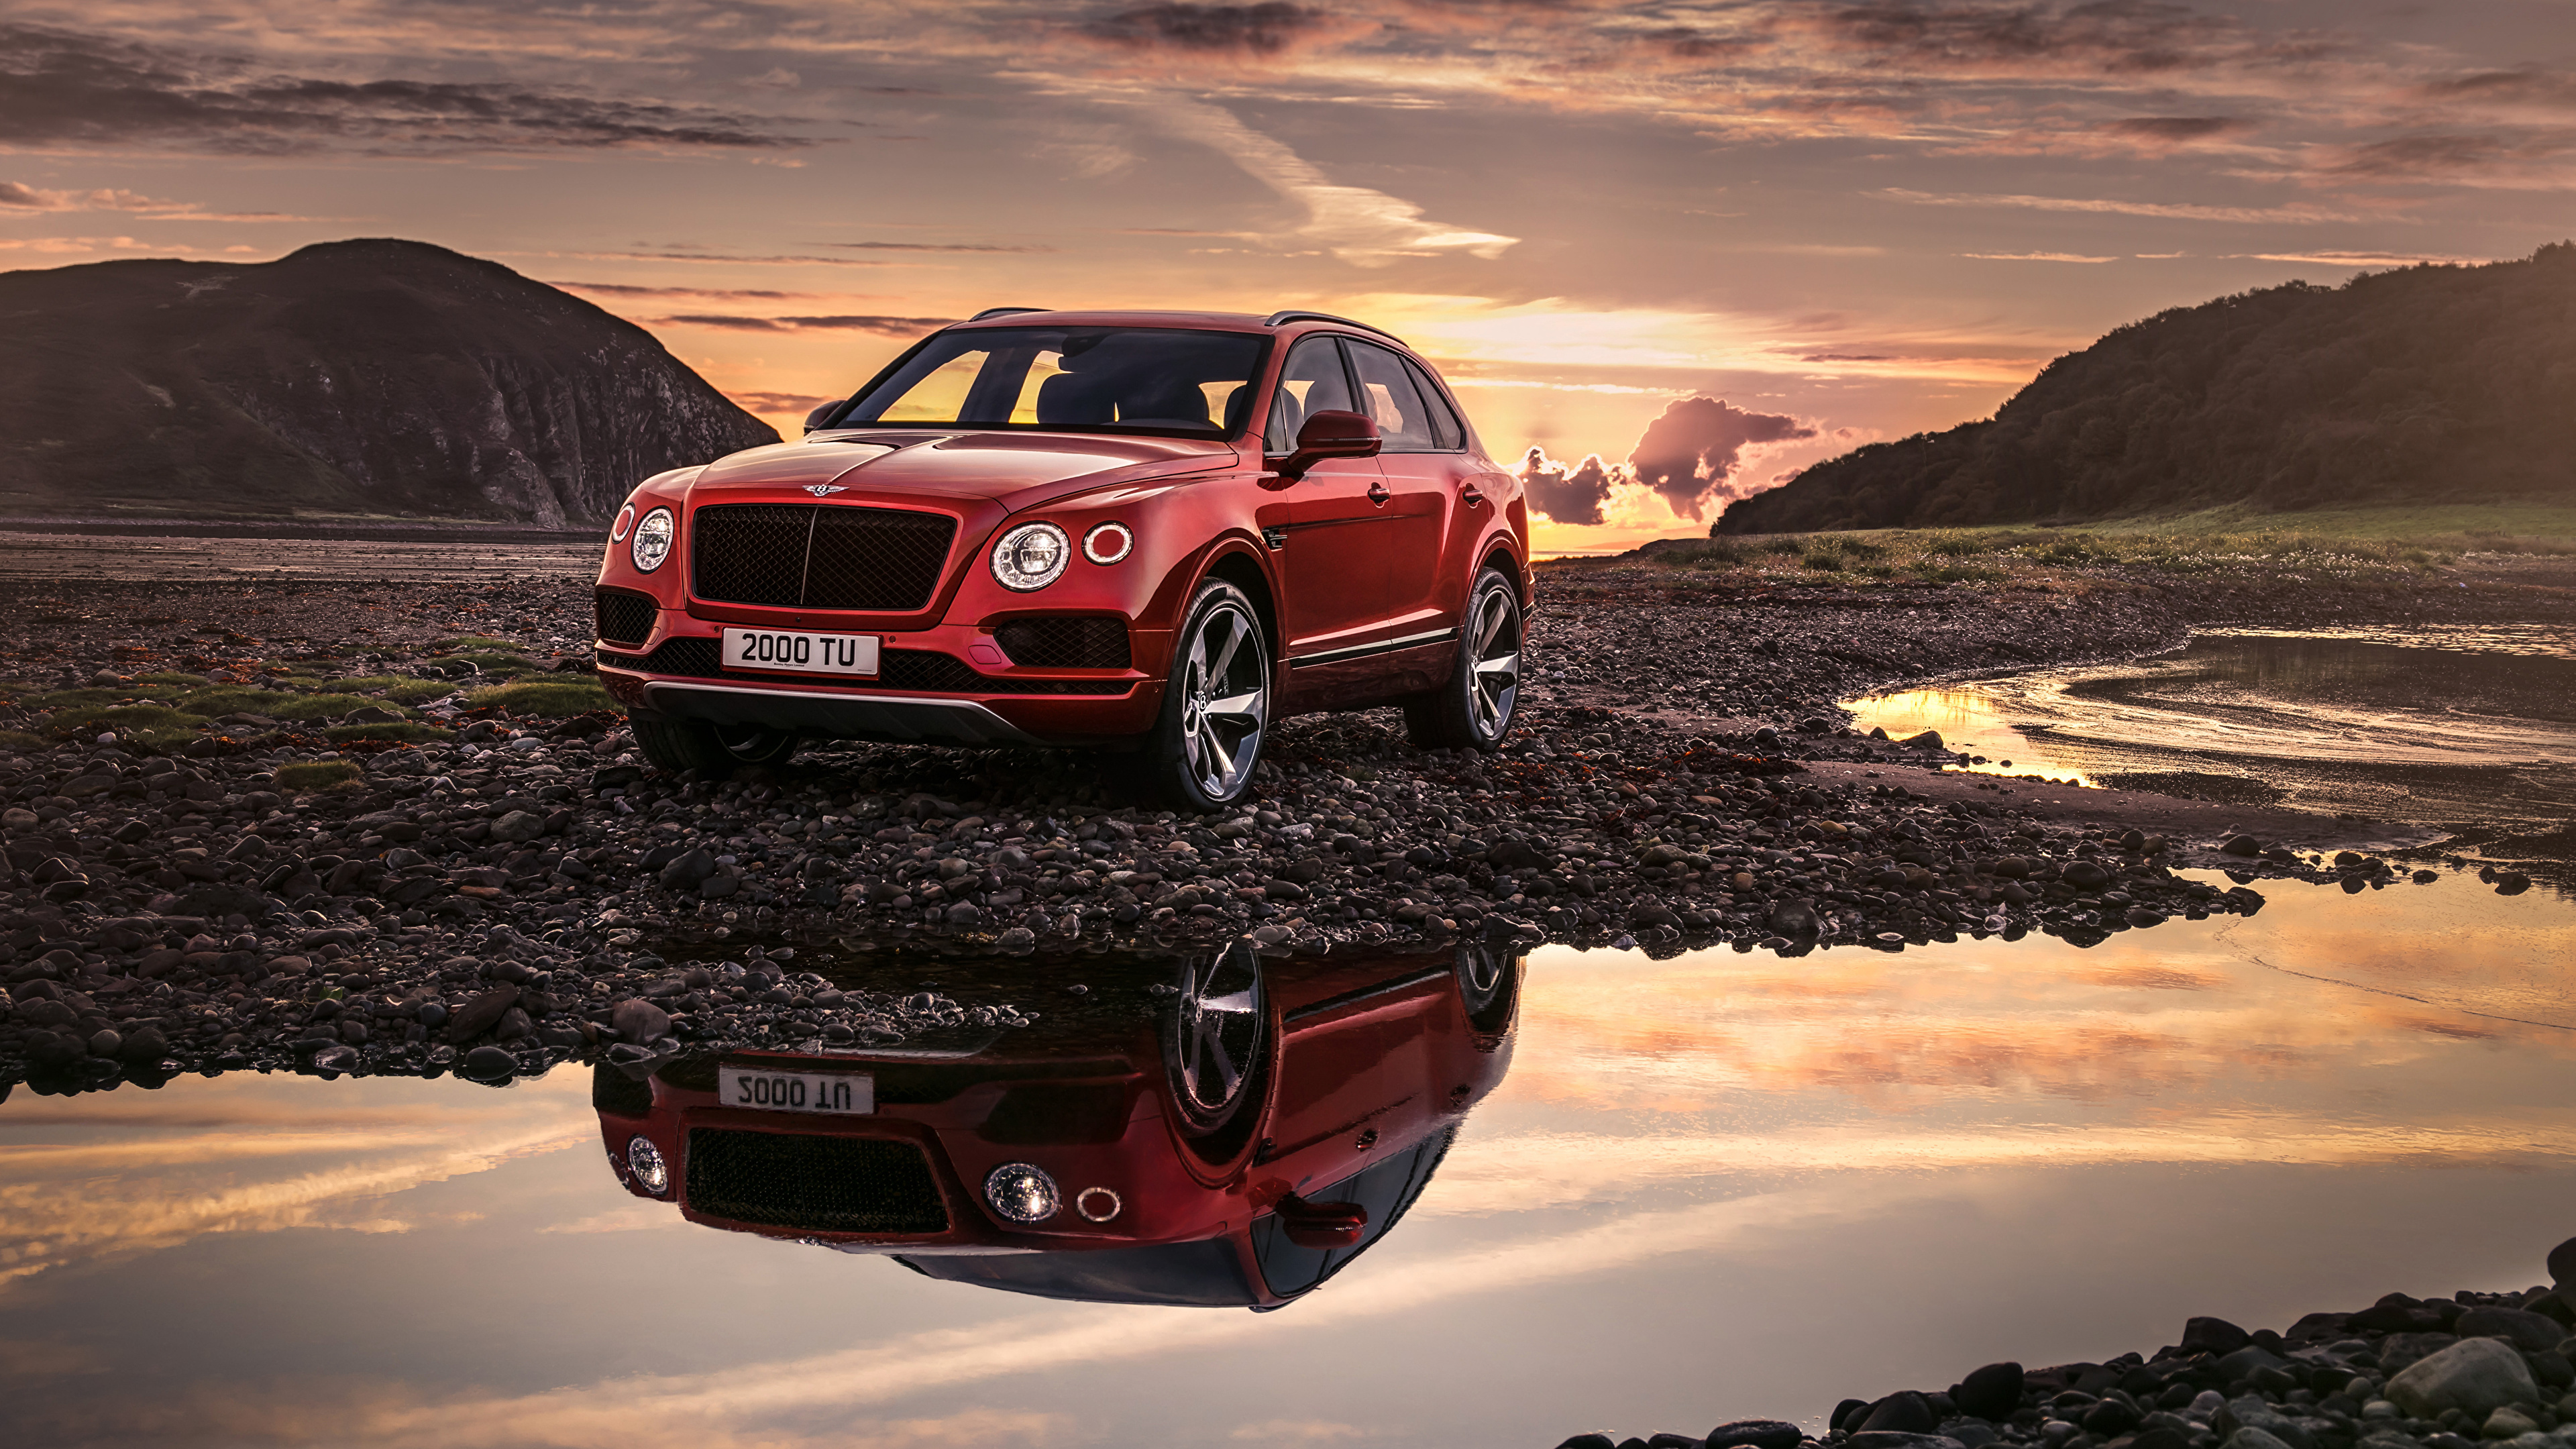 Картинка Bentley 2018 Bentayga V8 Worldwide красных автомобиль 3840x2160 Бентли красная красные Красный авто машины машина Автомобили